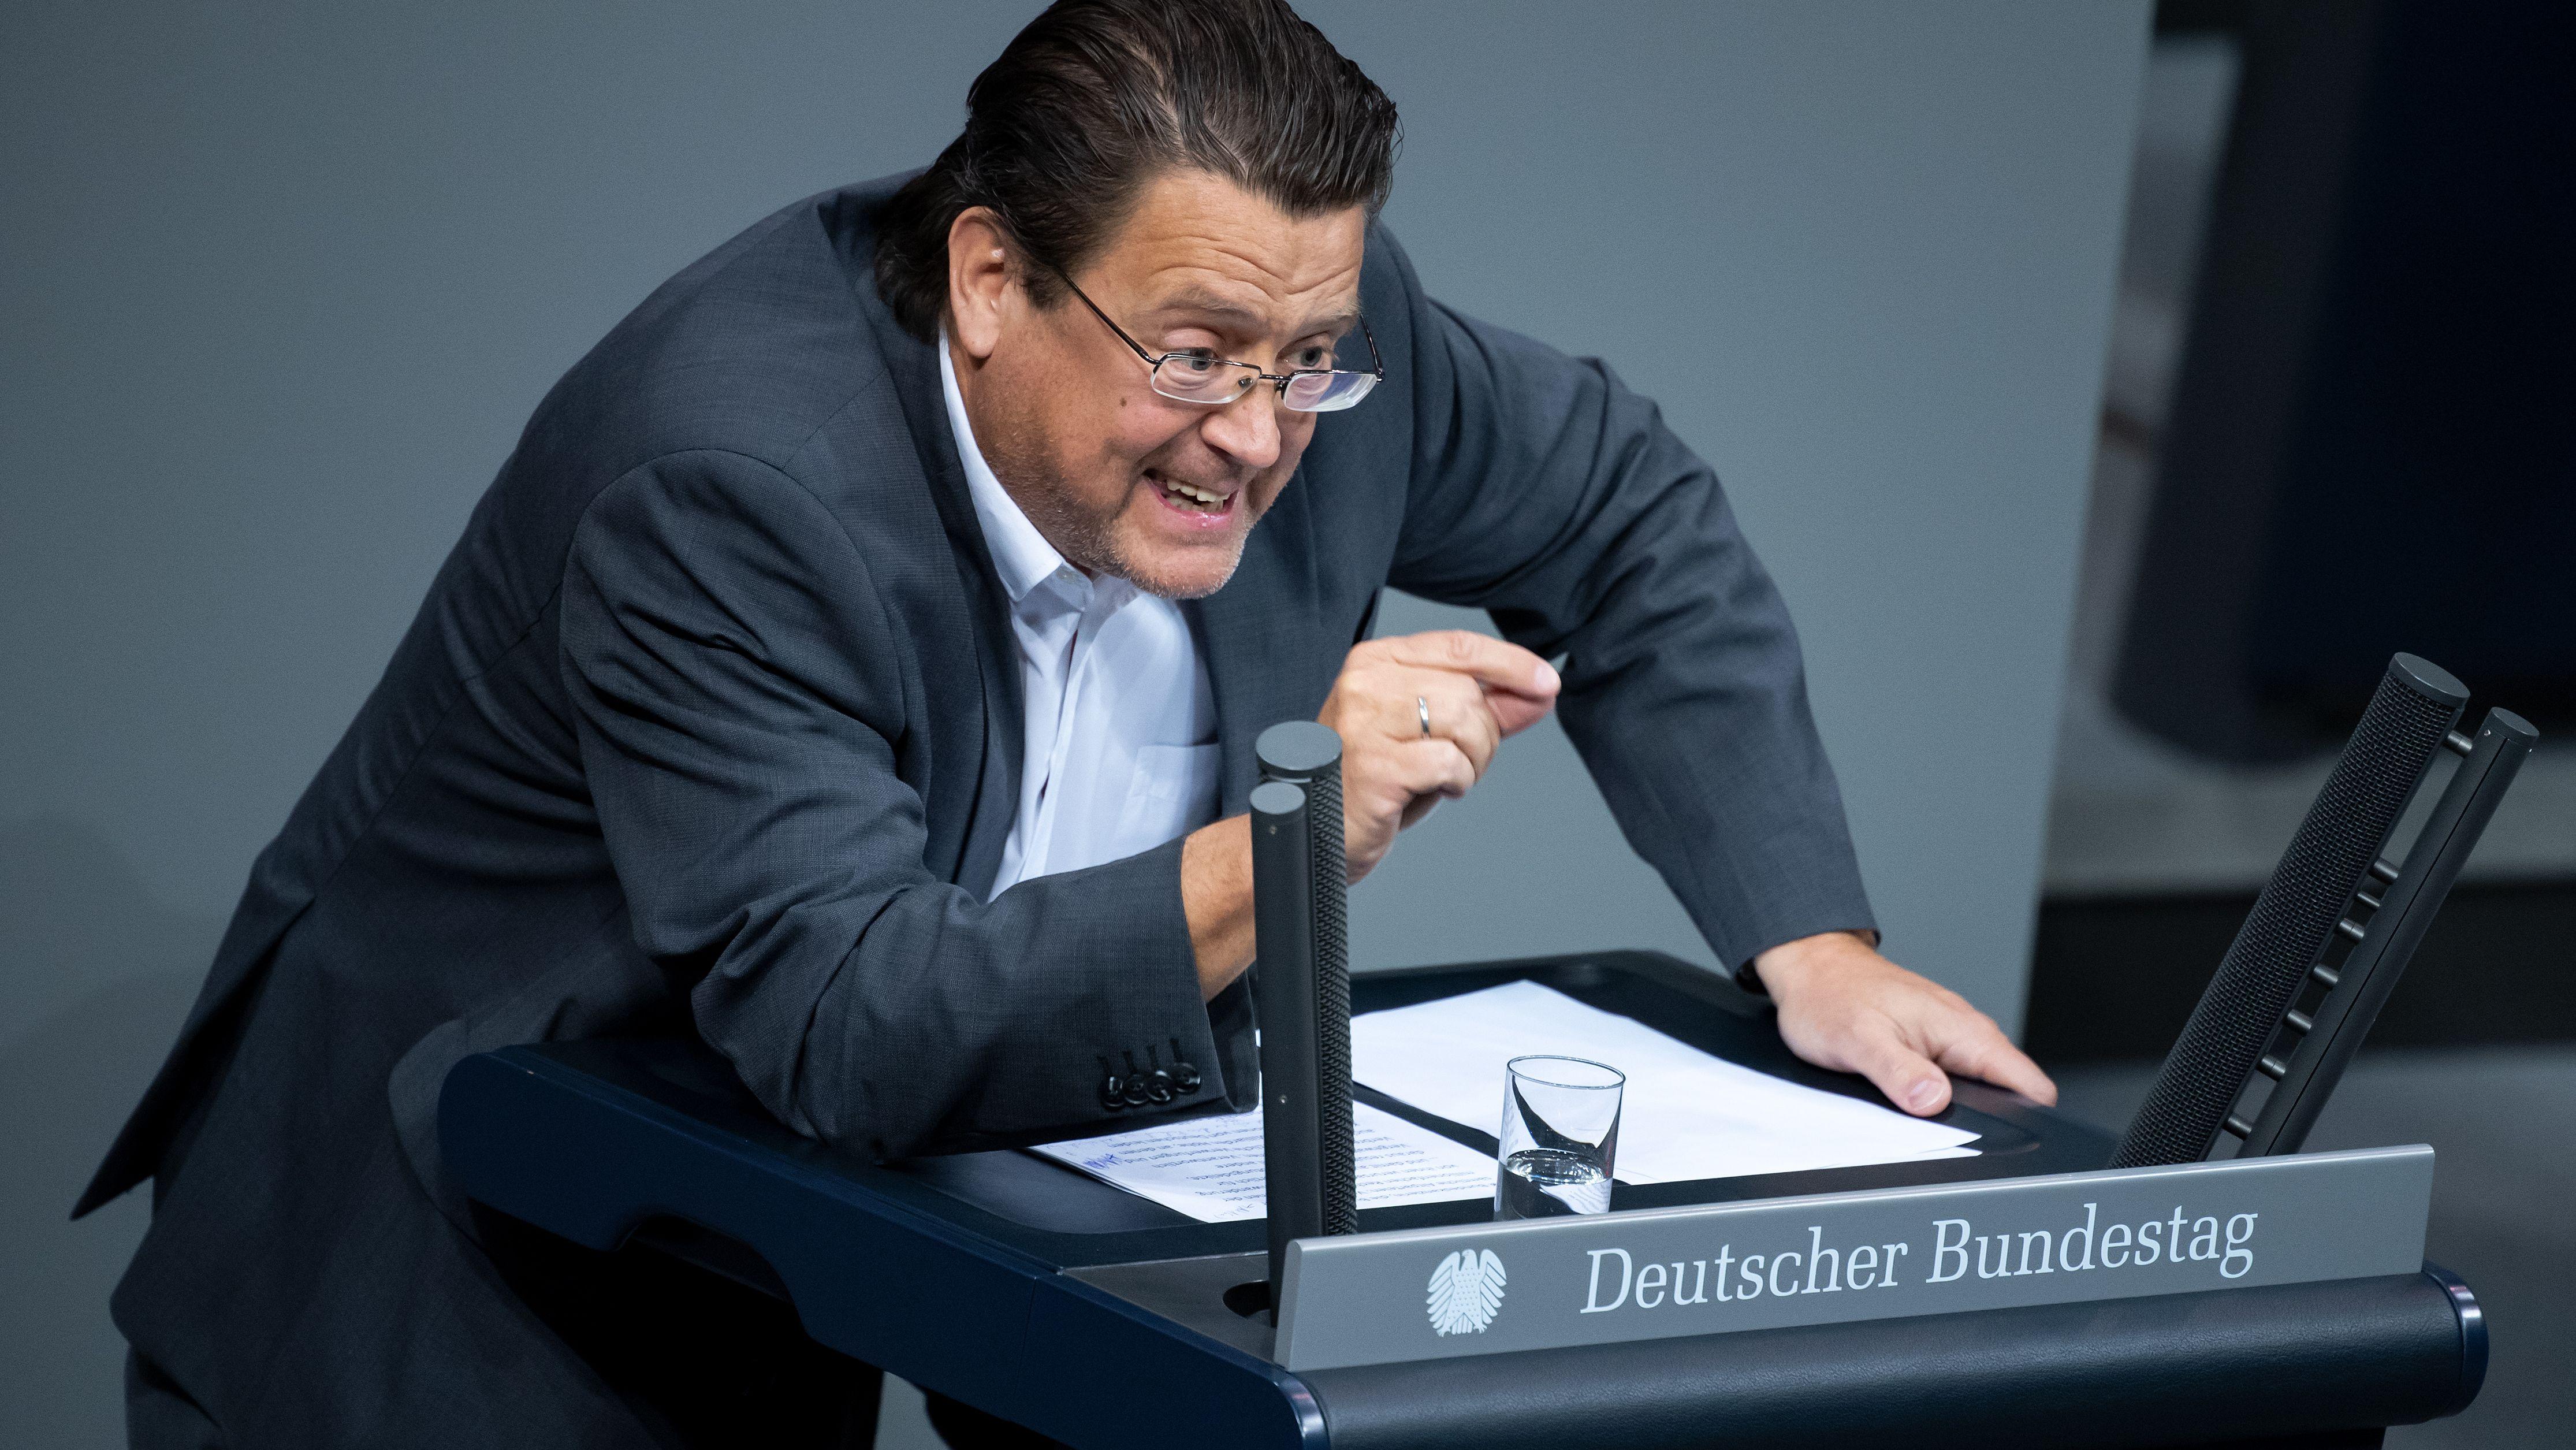 """Stephan Brandner lehnt sich an das Rednerpult mit der Aufschrift """"Deutscher Bundestag"""""""